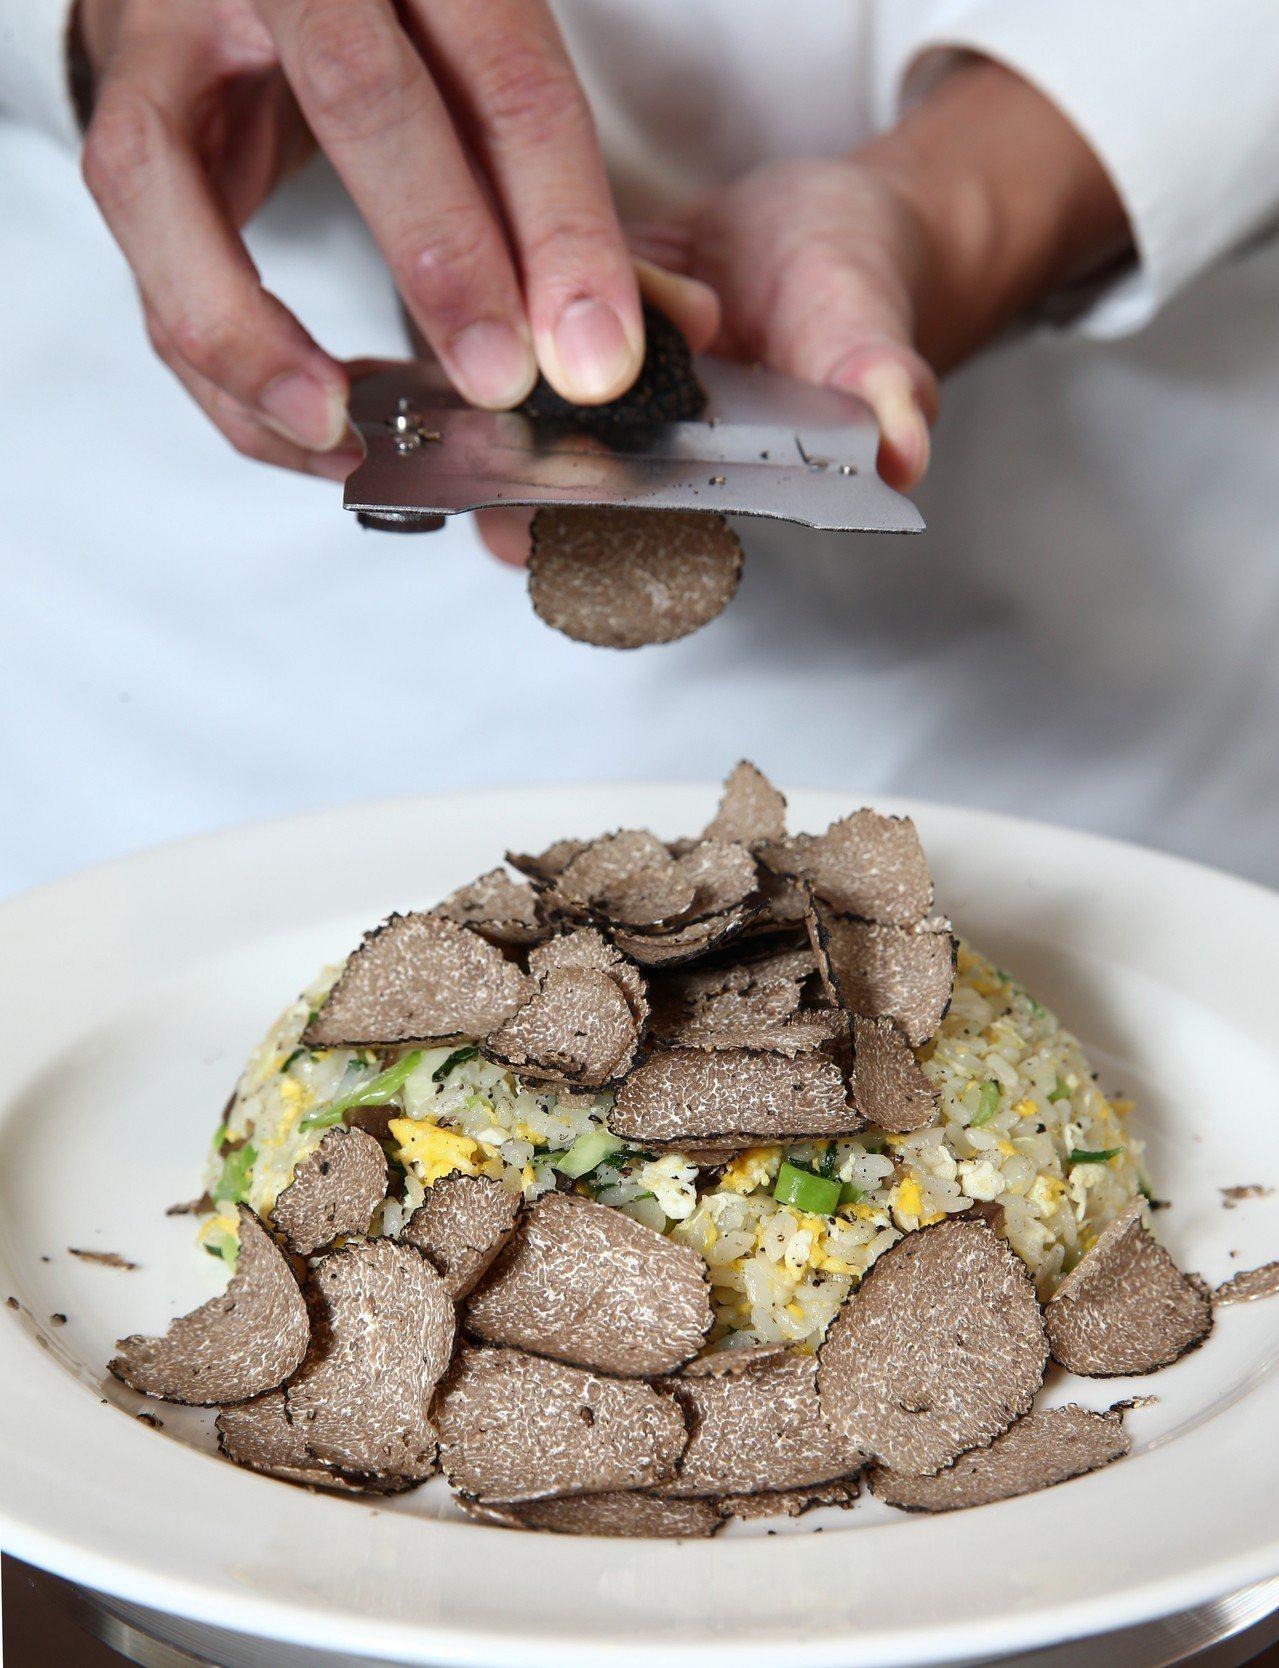 鼎泰豐松露蛋炒飯一次加入完整一顆松露,由廚師現刨。記者蘇健忠/攝影